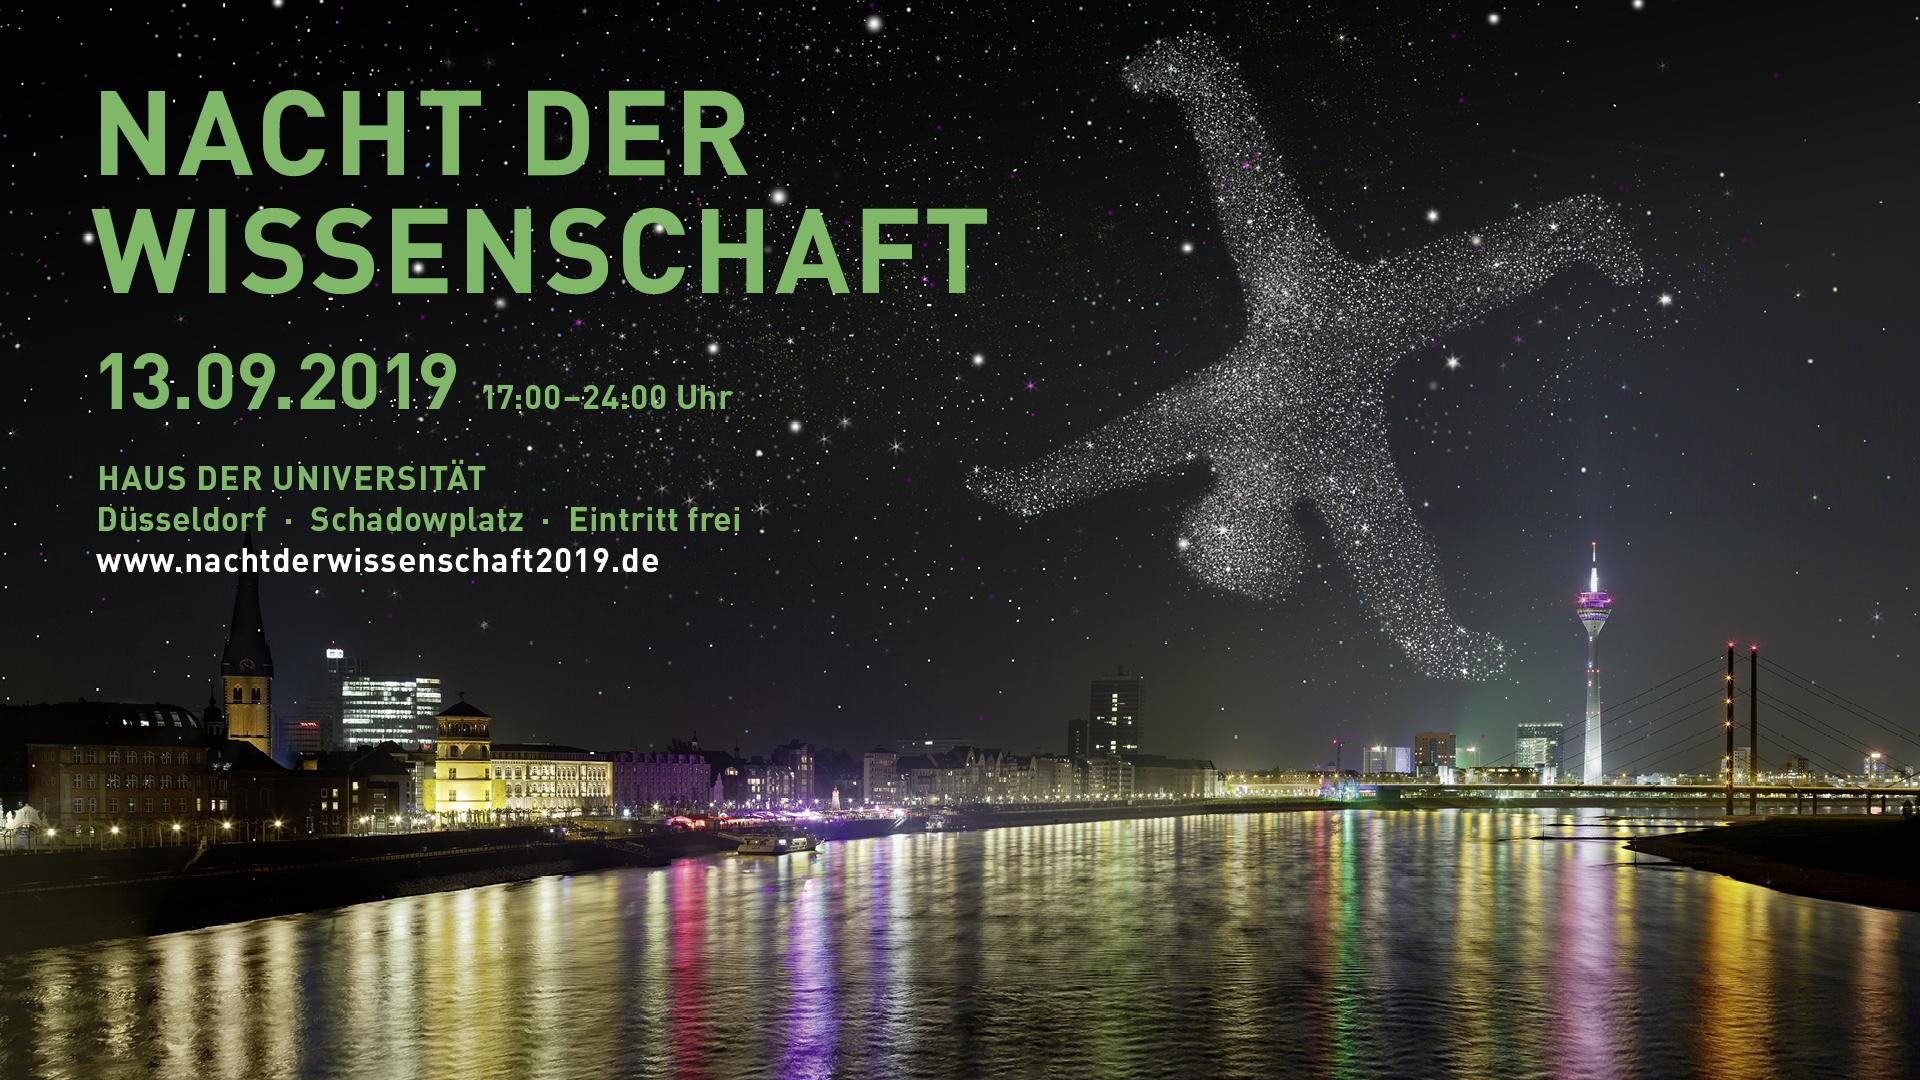 """Veranstaltung """"Nacht der Wissenschaft"""" der HHU am 13.09.2019"""